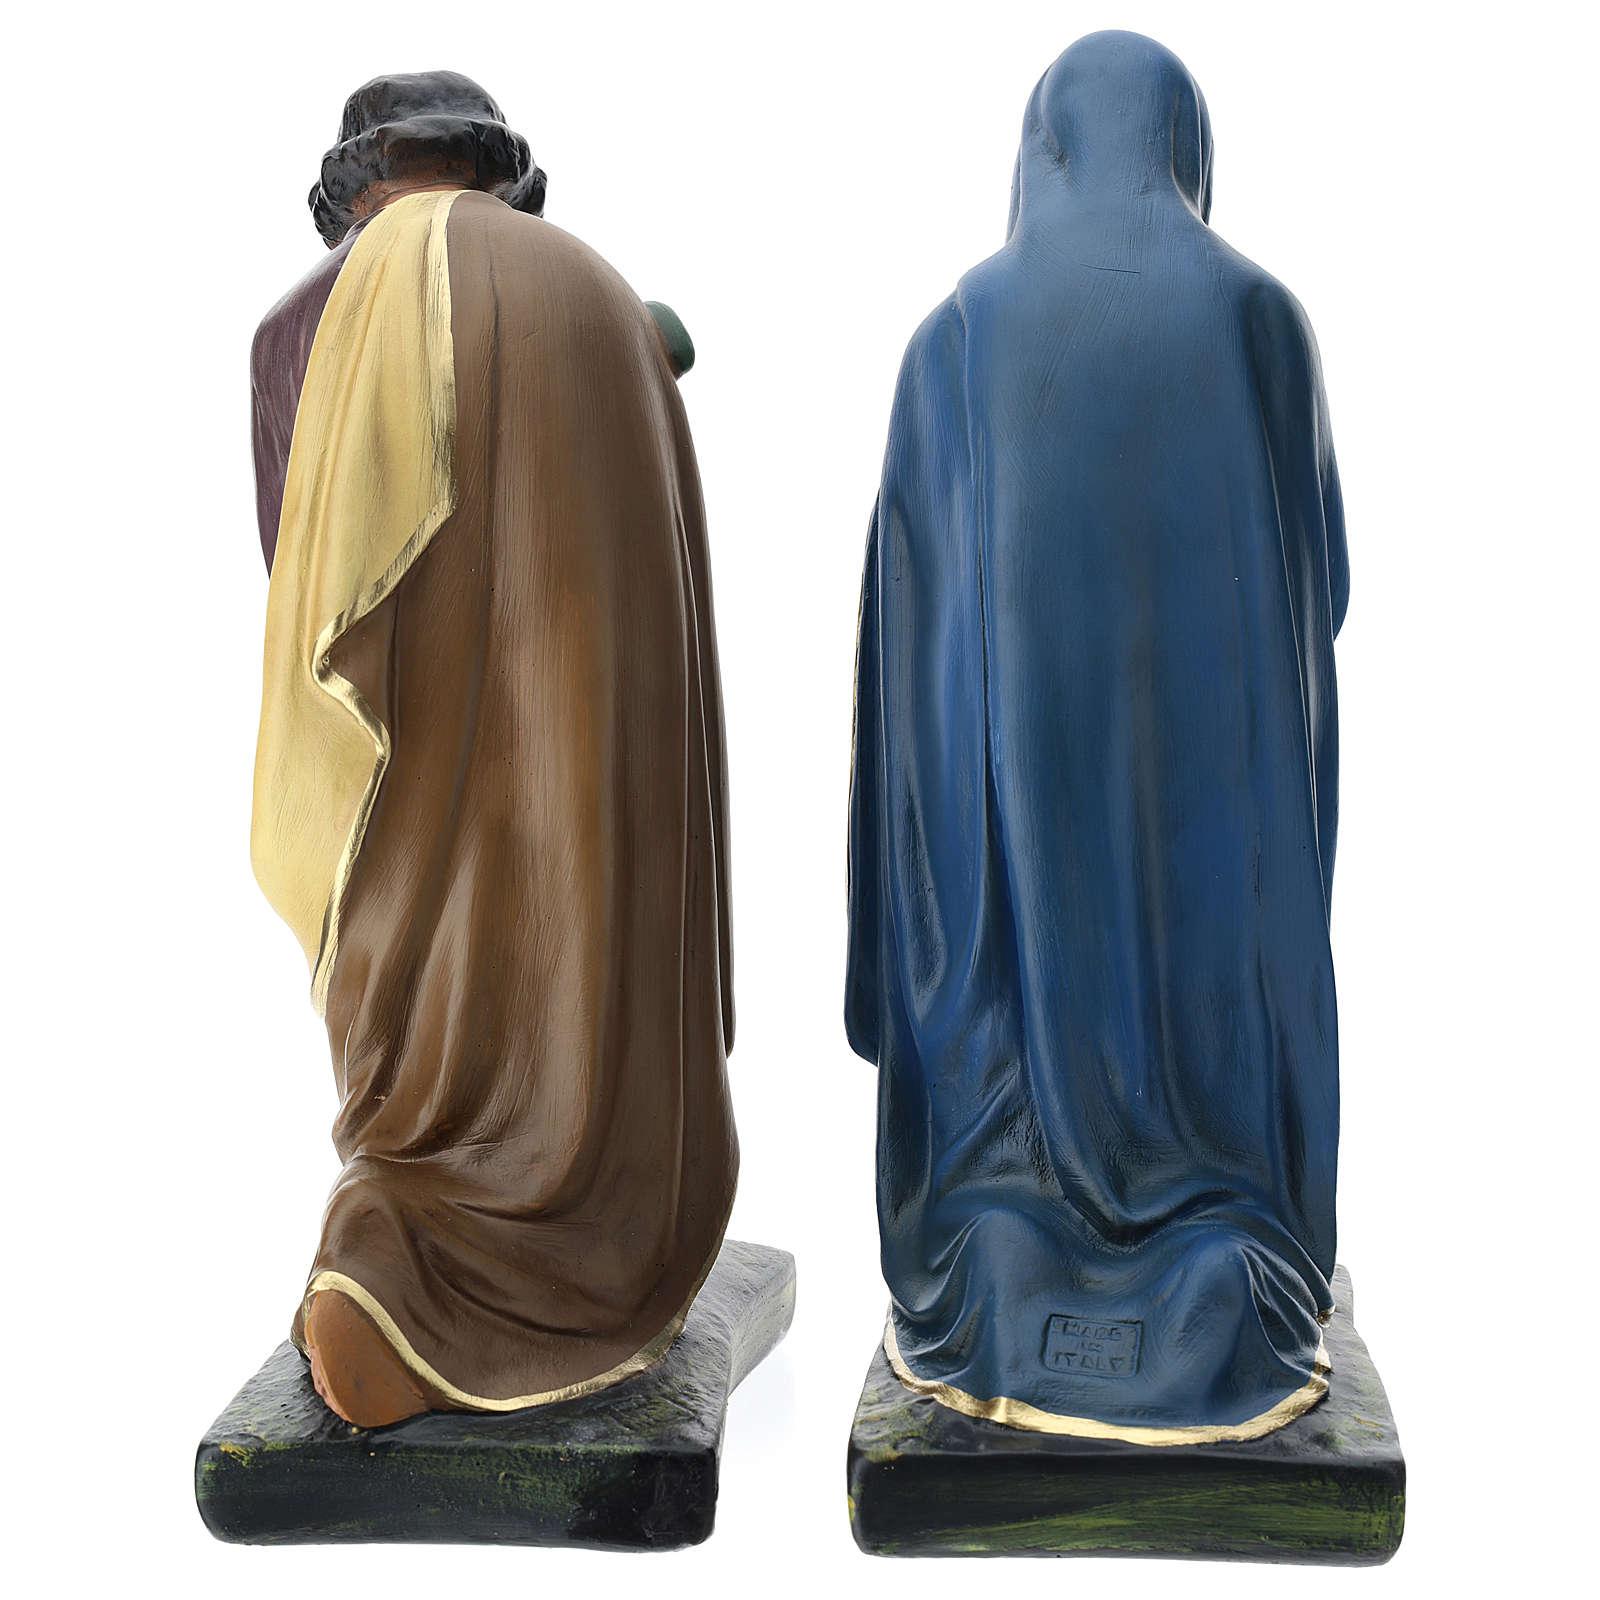 Natividade três figuras Arte Barsanti gesso pintado à mão para presépio altura média 40 cm 4